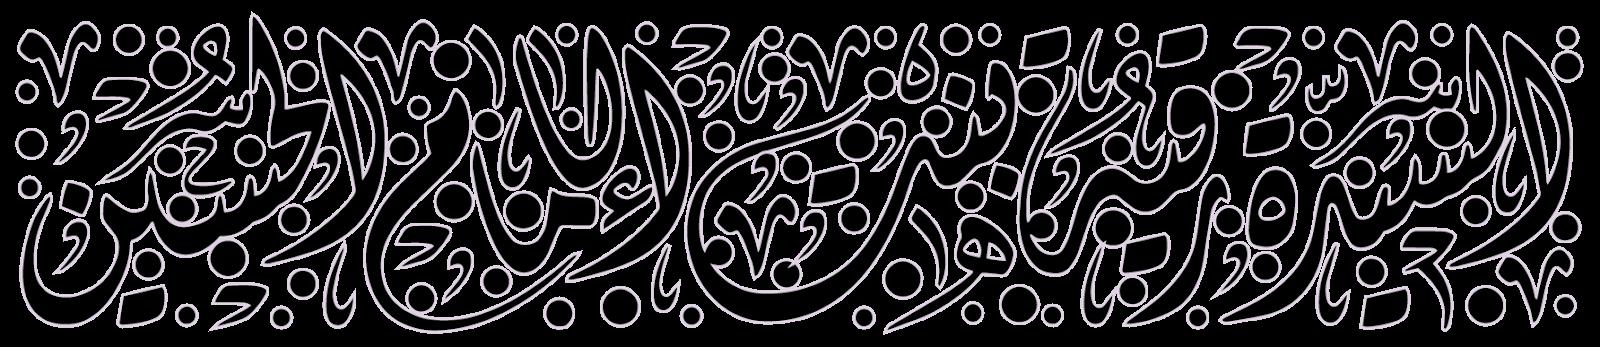 خلفيات للمونتاج موجات صوتية خلفيات فيديو مخطوطات ولائية